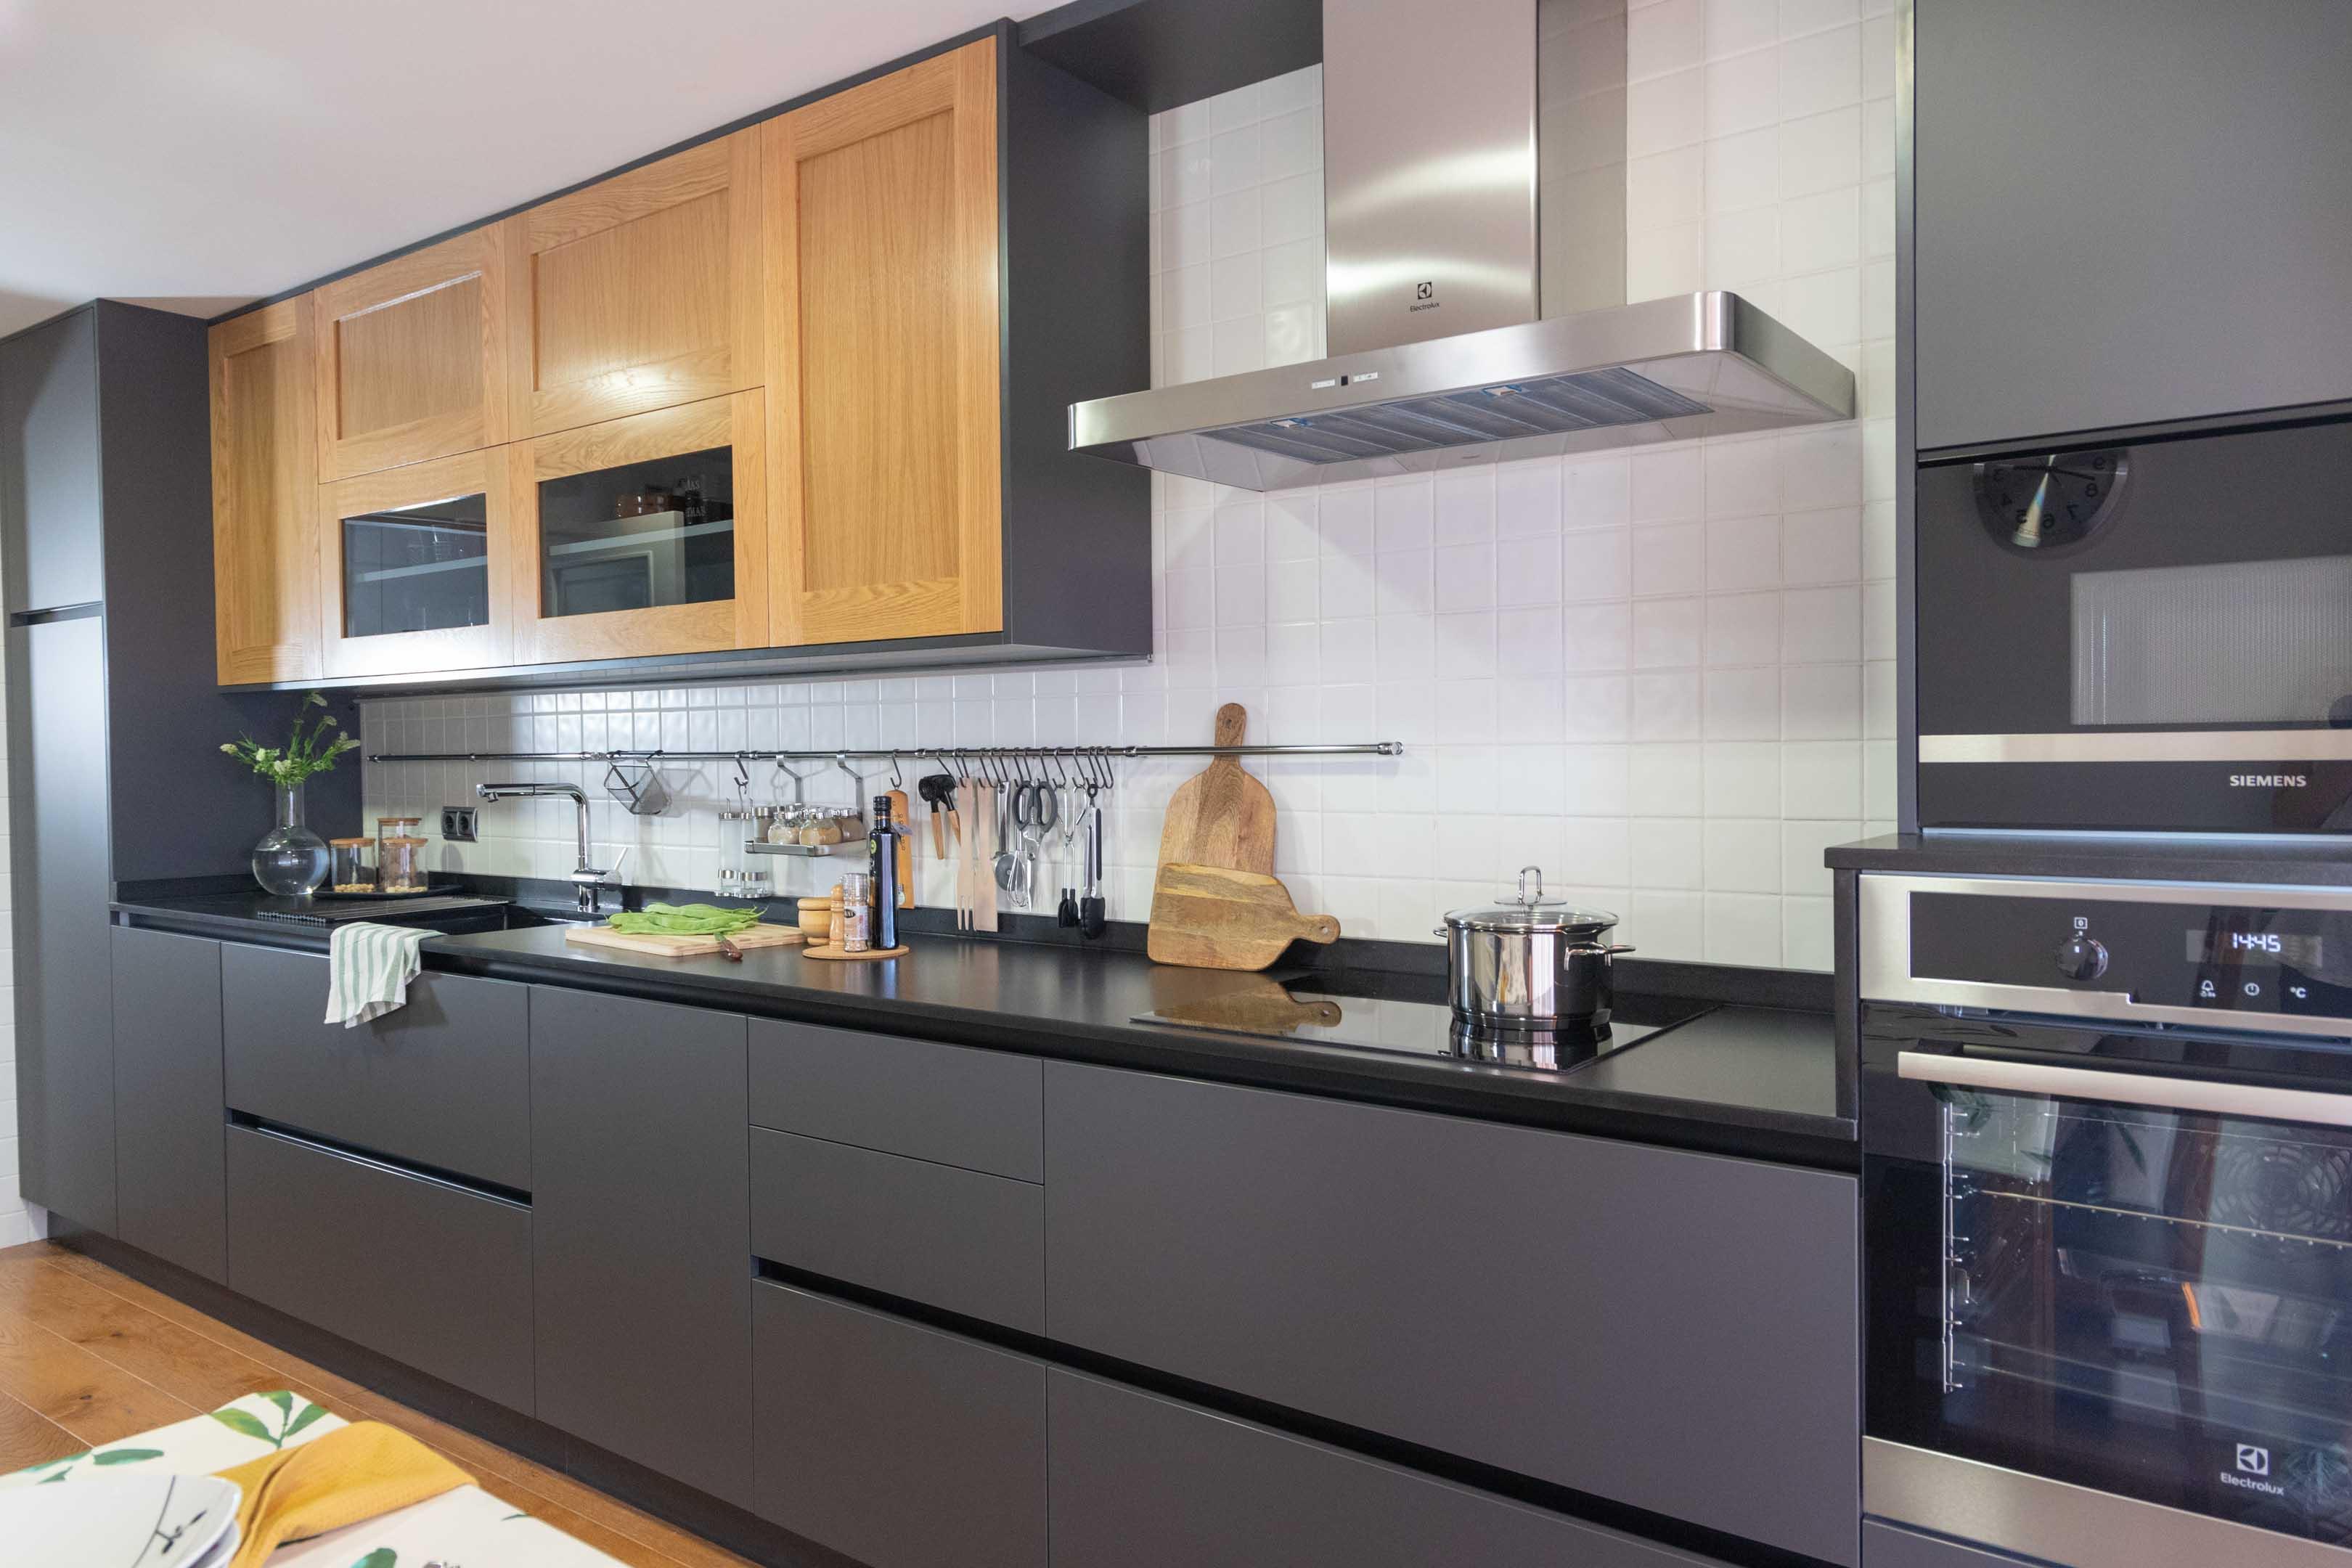 Cocina moderna con tonos oscuros y madera